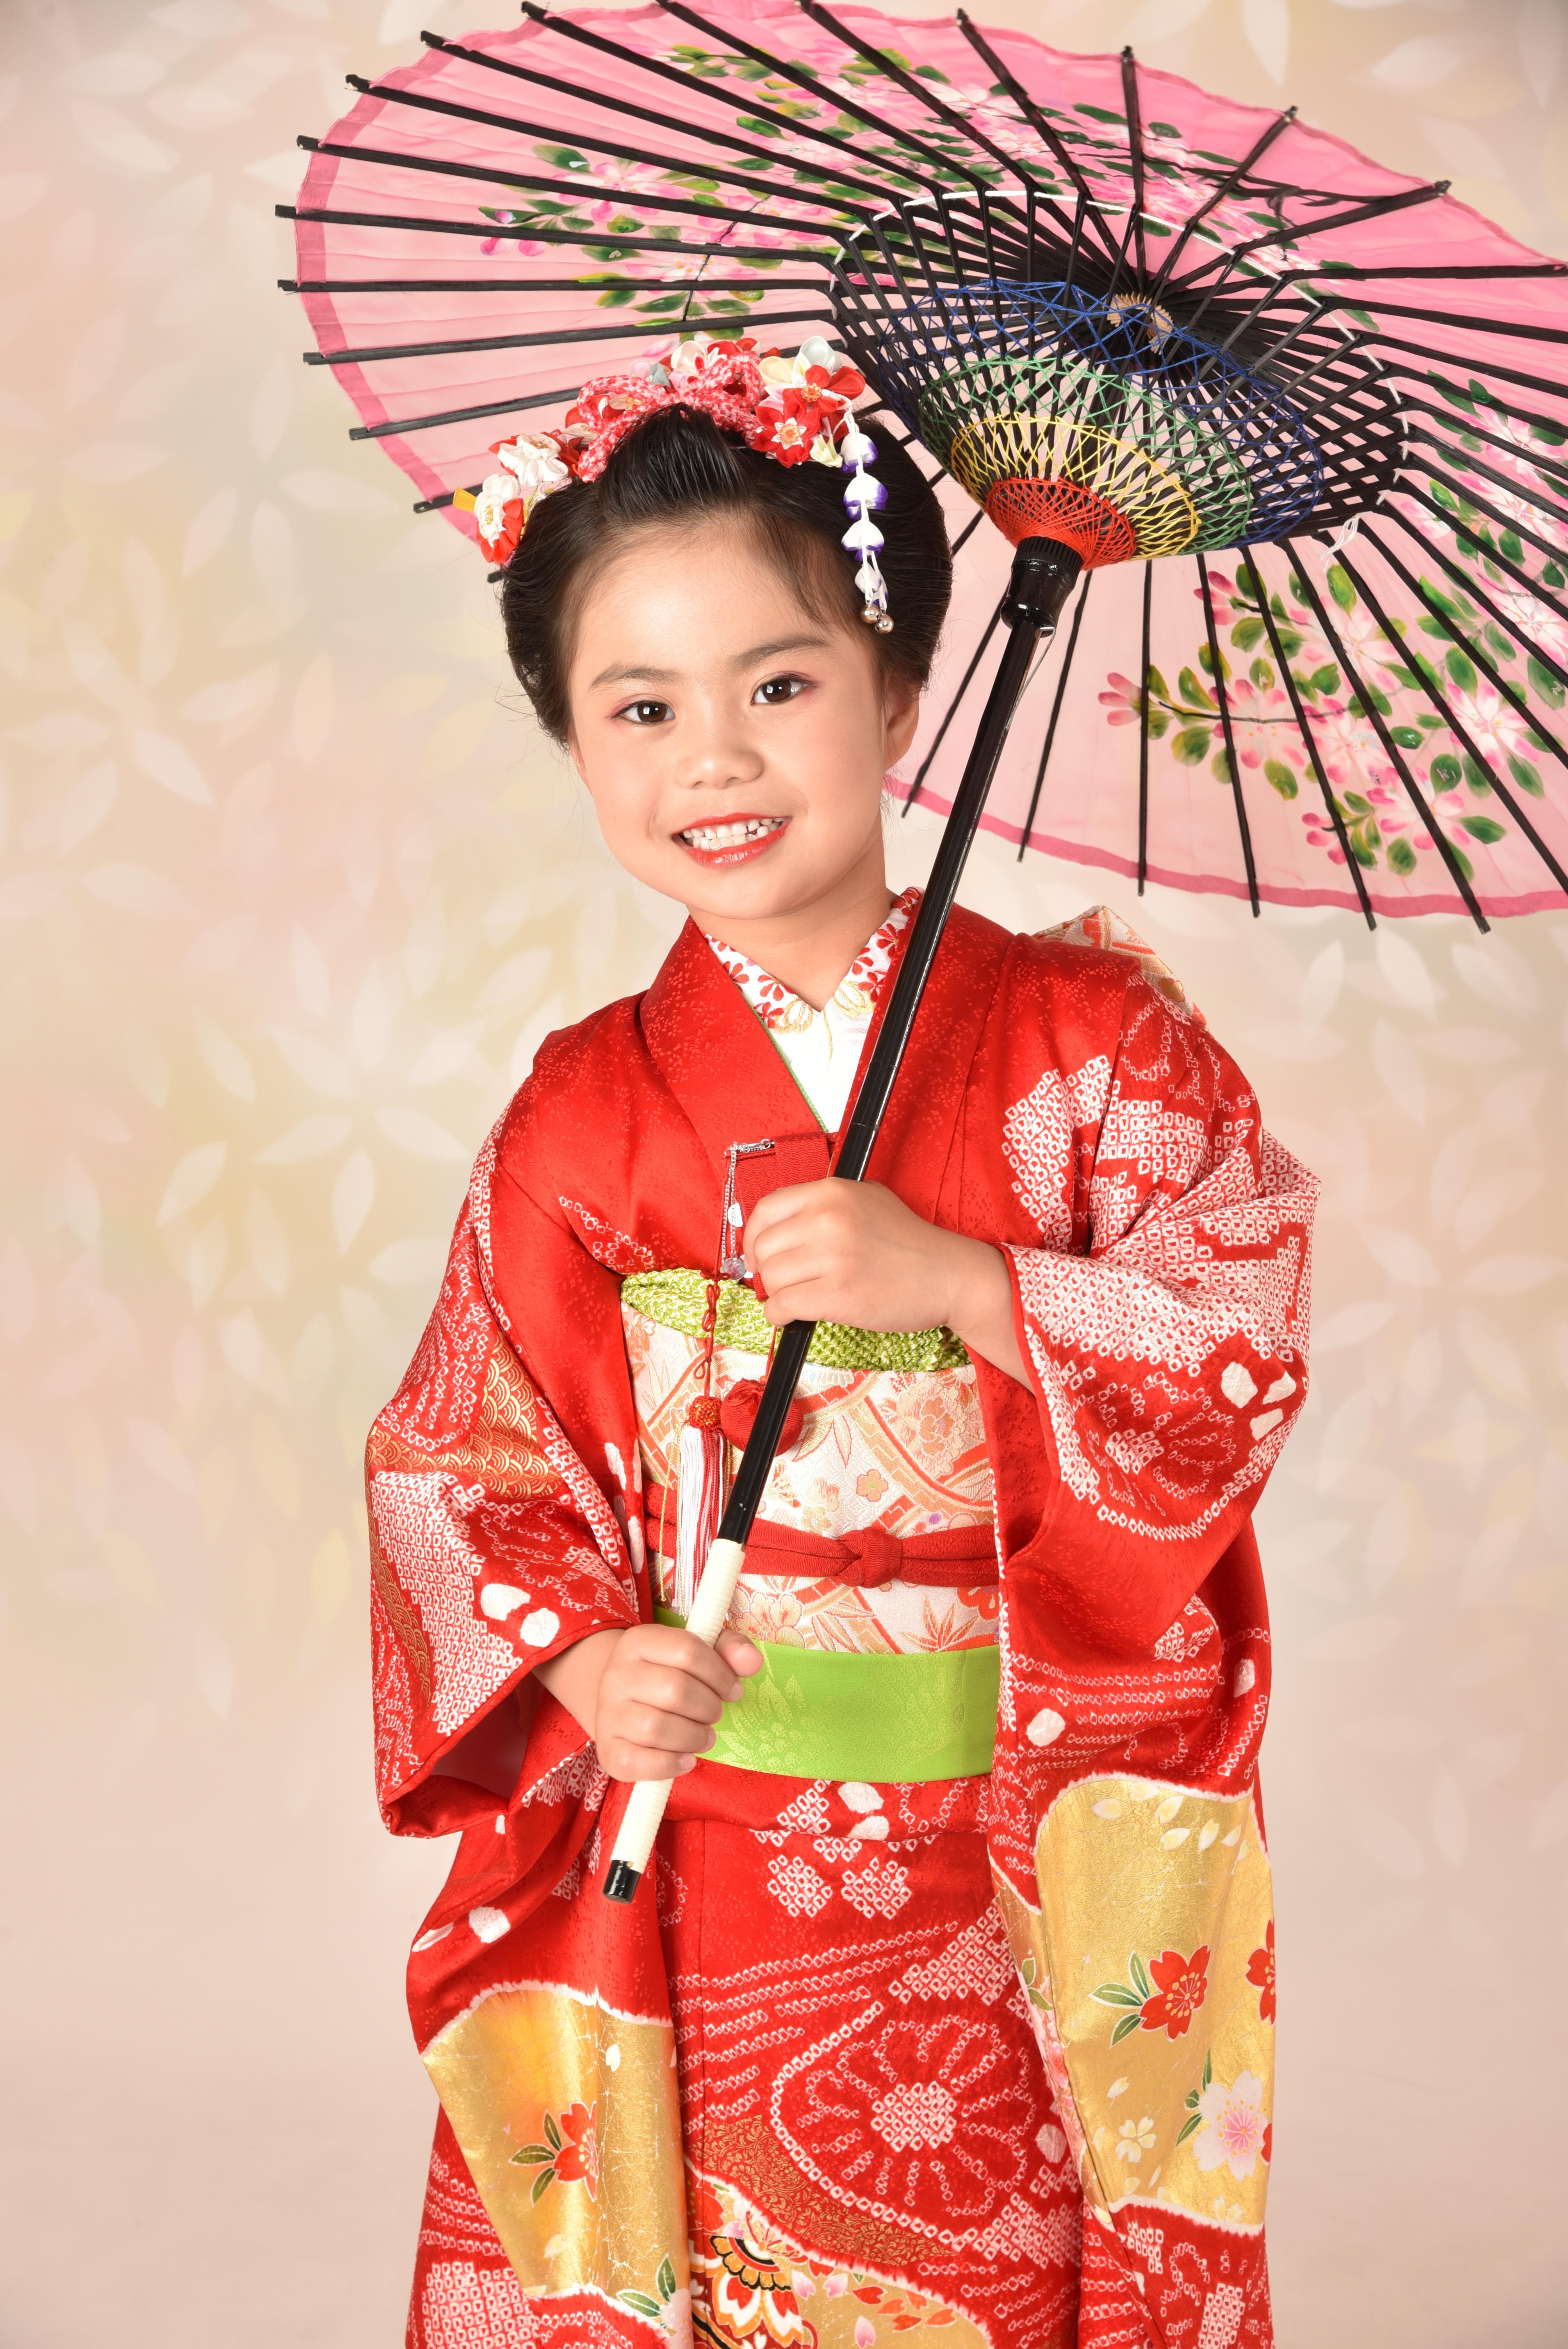 七五三7歳女の子の日本髪で着物姿